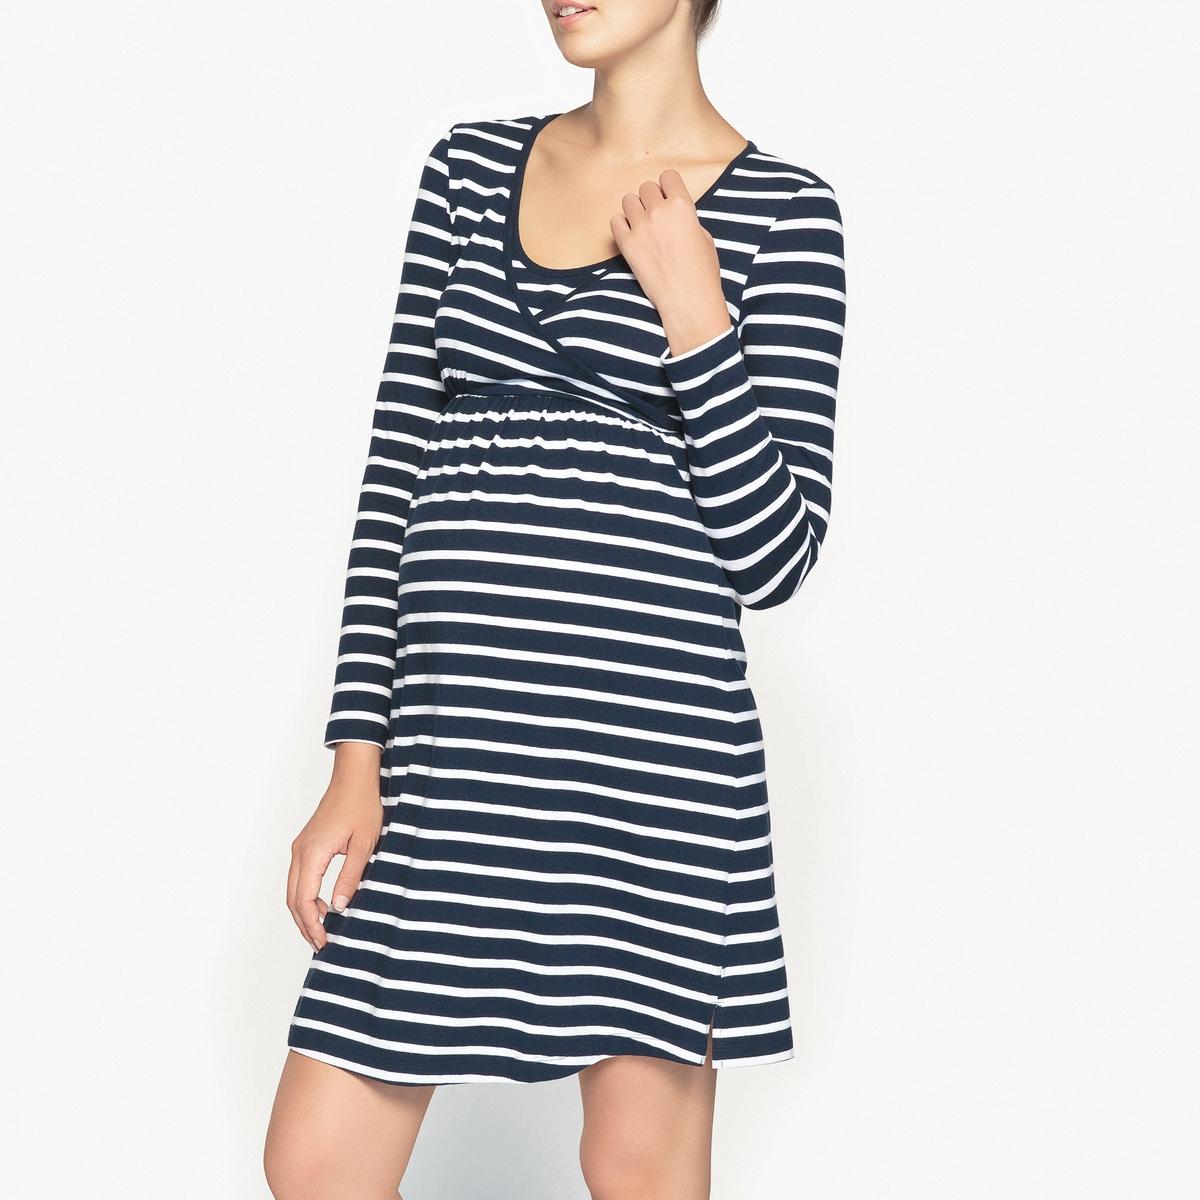 Рубашка ночная для периода беременности и грудного вскармливанияНочная рубашка для периода беременности и грудного вскармливания в полоску, с длинными рукавами, Cocoon.Ночная рубашка из джерси разработана специально для периода беременности и грудного вскармливания. Вставка спереди с вшитым бюстгальтером, адаптированным для грудного вскармливания. Эластичный пояс. Длинные рукава. Небольшие шлицы по бокам. Состав и описание : Материал : джерси 96% хлопка, 4% эластанаДлина : 90 смМарка : CocoonУход: Стирать при 40° на деликатном режиме с изделиями схожих цветов.    Стирать, сушить и гладить при низкой температуре с изнаночной стороны.<br><br>Цвет: темно-синий/ белый<br>Размер: 34/36 (FR) - 40/42 (RUS).38/40 (FR) - 44/46 (RUS)